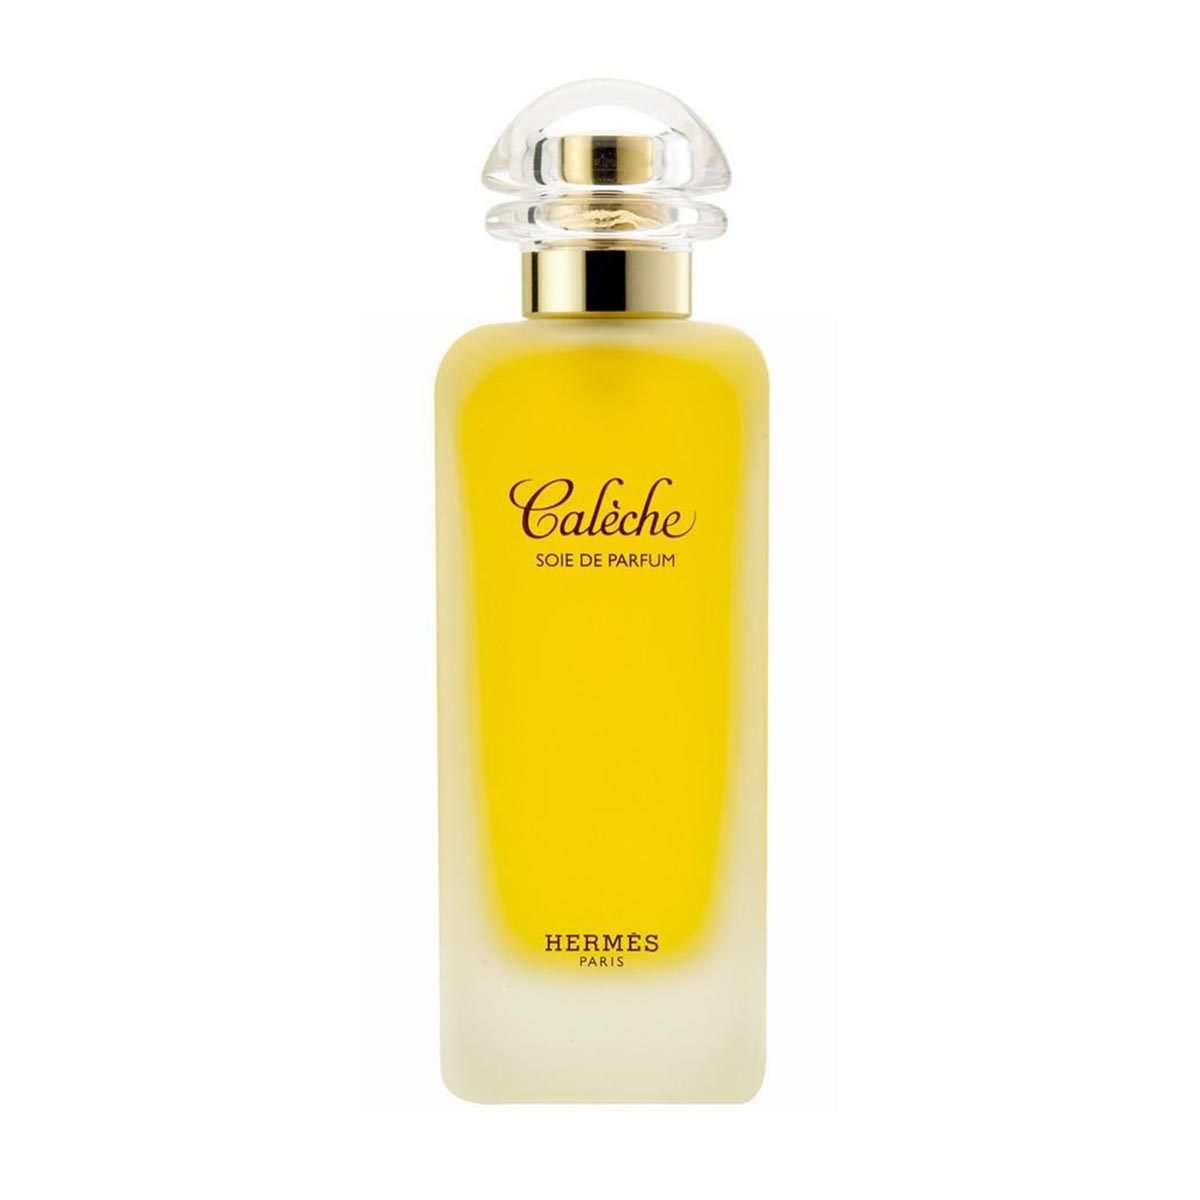 Hermes paris caleche eau de parfum 100ml vaporizador